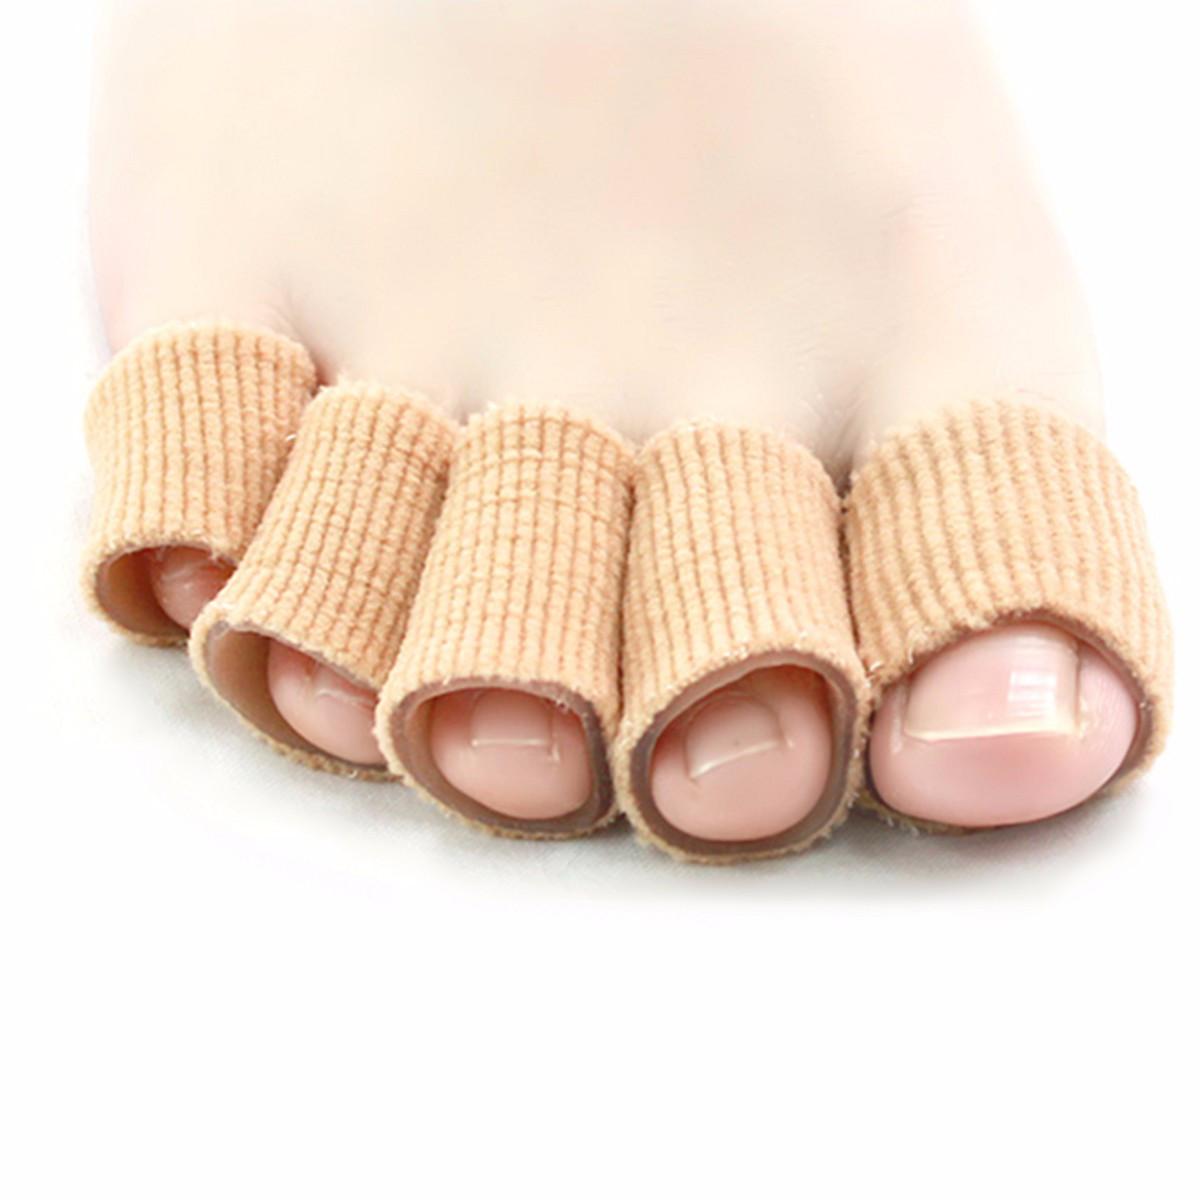 Squishies Гель Трубка Toe Finger Bandage Cuttable Cover Cap Protector для кожи Сухие кукурузы Волдыри для облегчения боли - 1TopShop